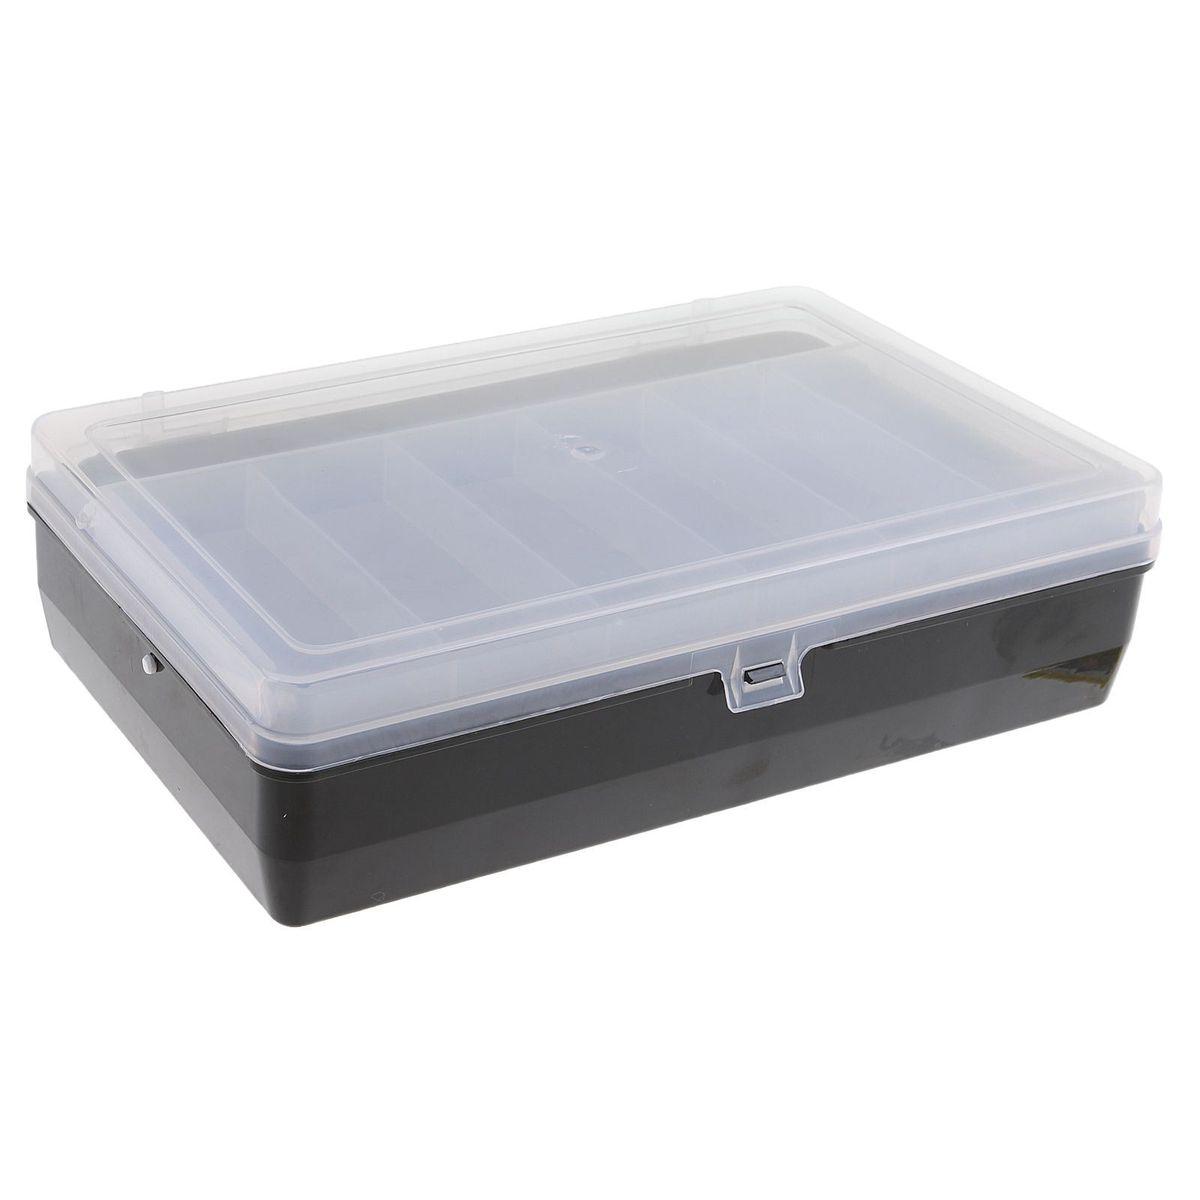 Коробка для крючков и насадок Trivol, двухъярусная, с микролифтом, цвет: черный, прозрачный, 23 х 15 х 6,5 см1271657Коробки для крючков, как и другие аксессуары для рыбалки, помогут сделать процесс подготовки к самой рыбной ловле максимально удобным. Двухъярусная коробка для крючков и насадок Trivol с микролифтом идеально подойдет в любое время года, для любого типа рыбалки и поможет вовремя отыскать среди всех снастей именно те, которые необходимы на данный момент.